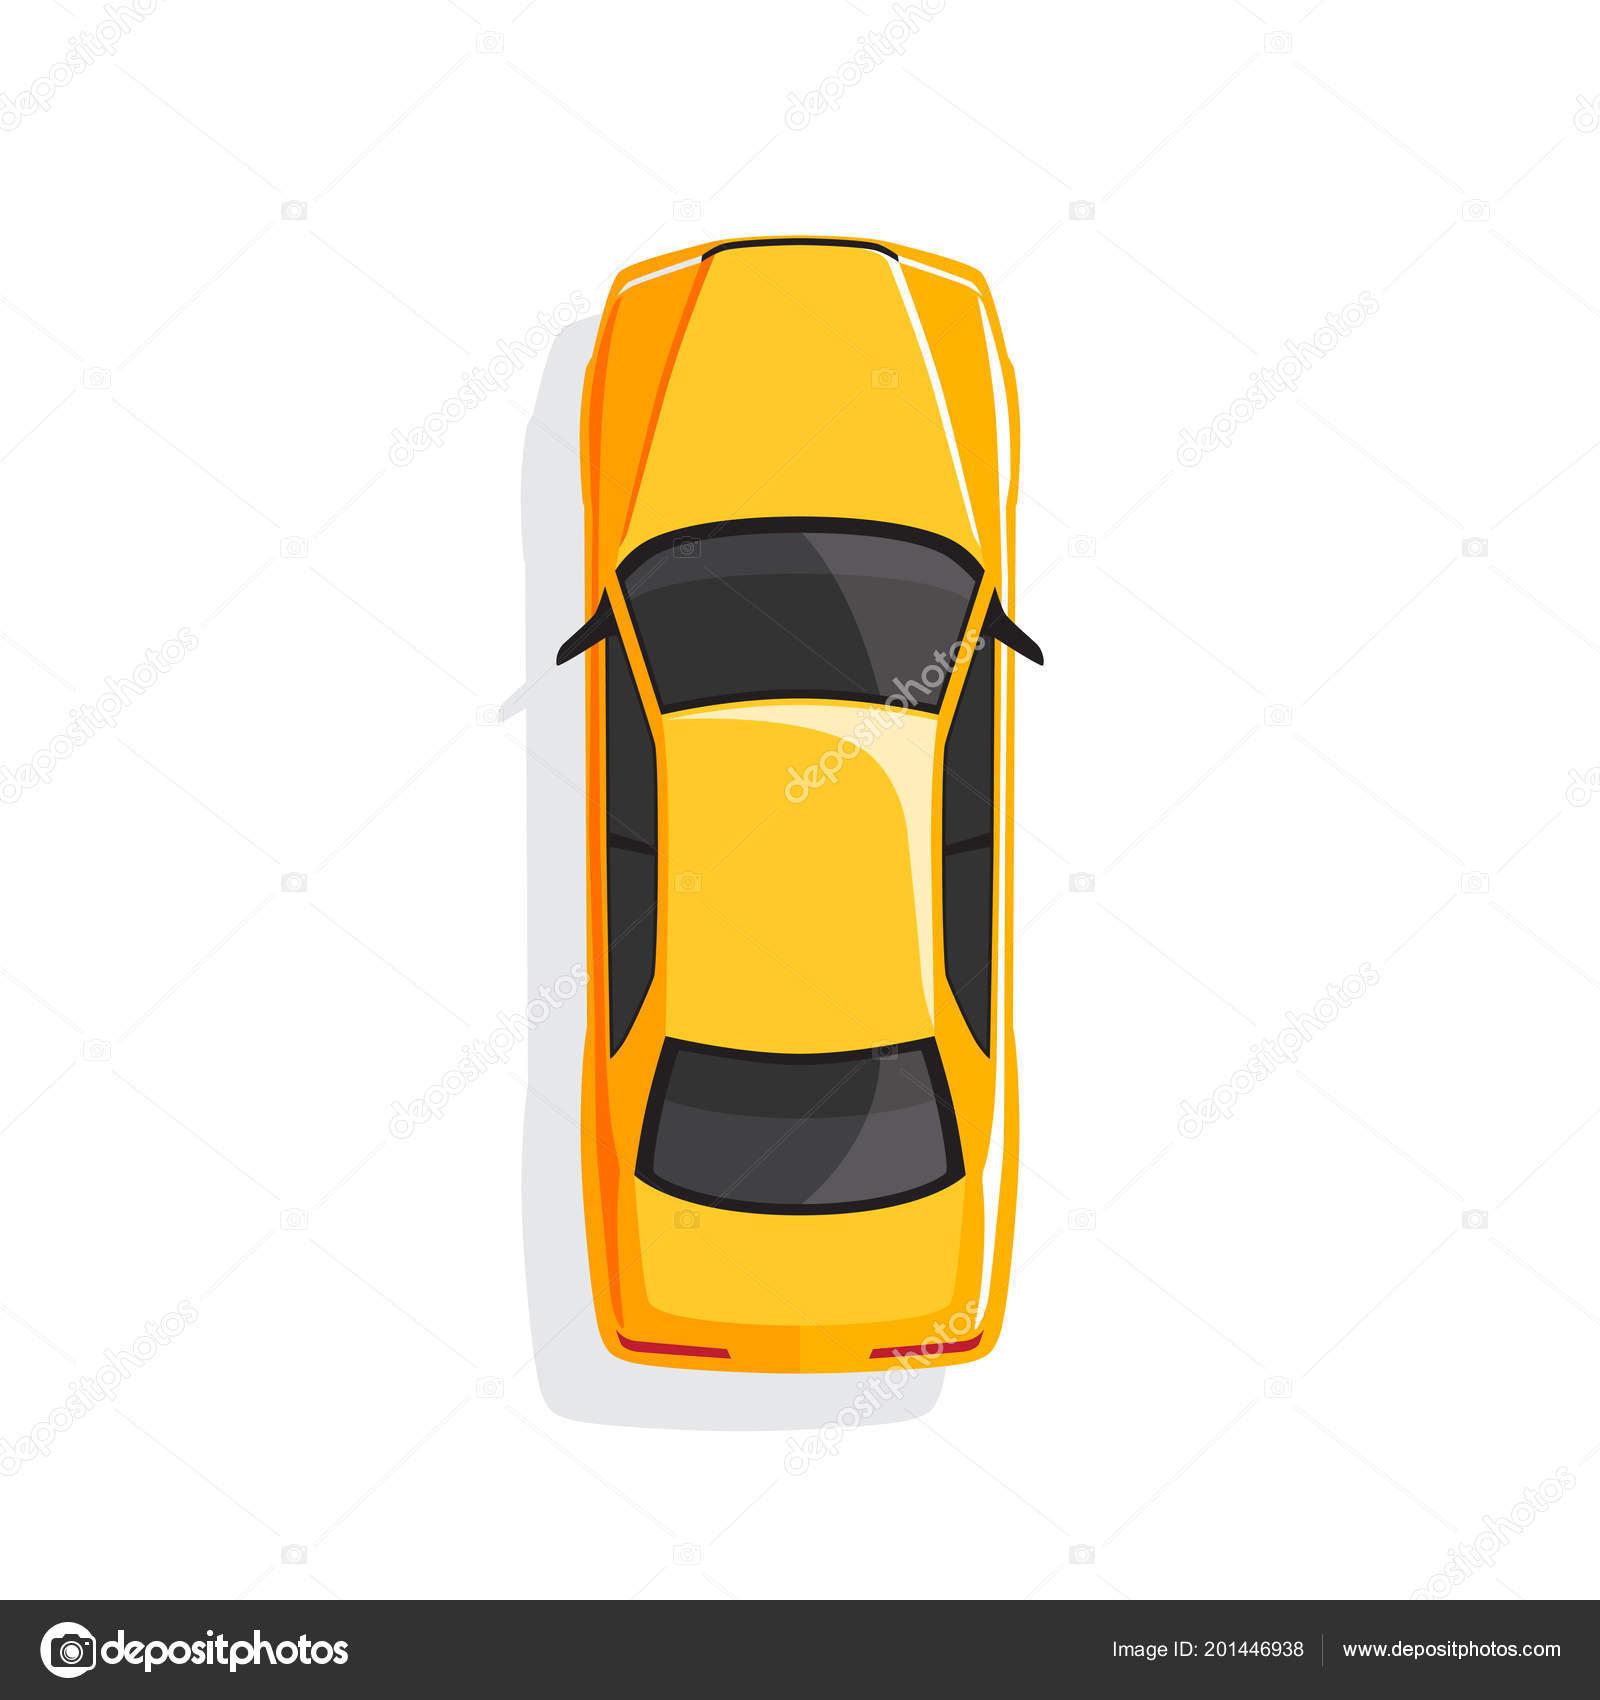 Voiture dessin anim jaune vue dessus illustration vectorielle image vectorielle freshwater - Voiture vue de haut ...